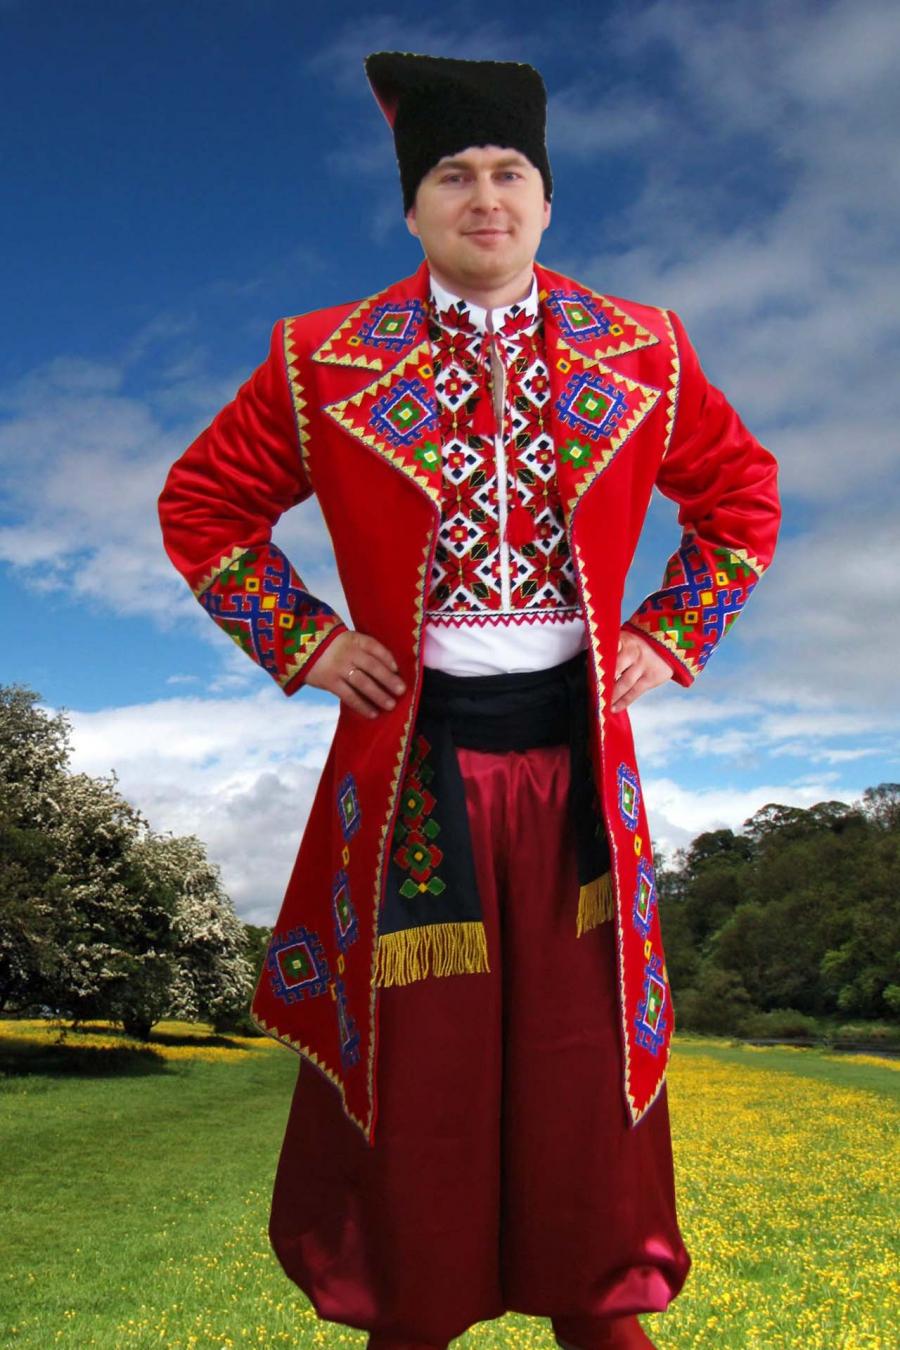 ukrainskij naczionalnyj kostyum ot proizvoditelya ukraina ·  ukrainskij naczionalnyj kostyum ot proizvoditelya ukraina 3bdf8eb2775d8